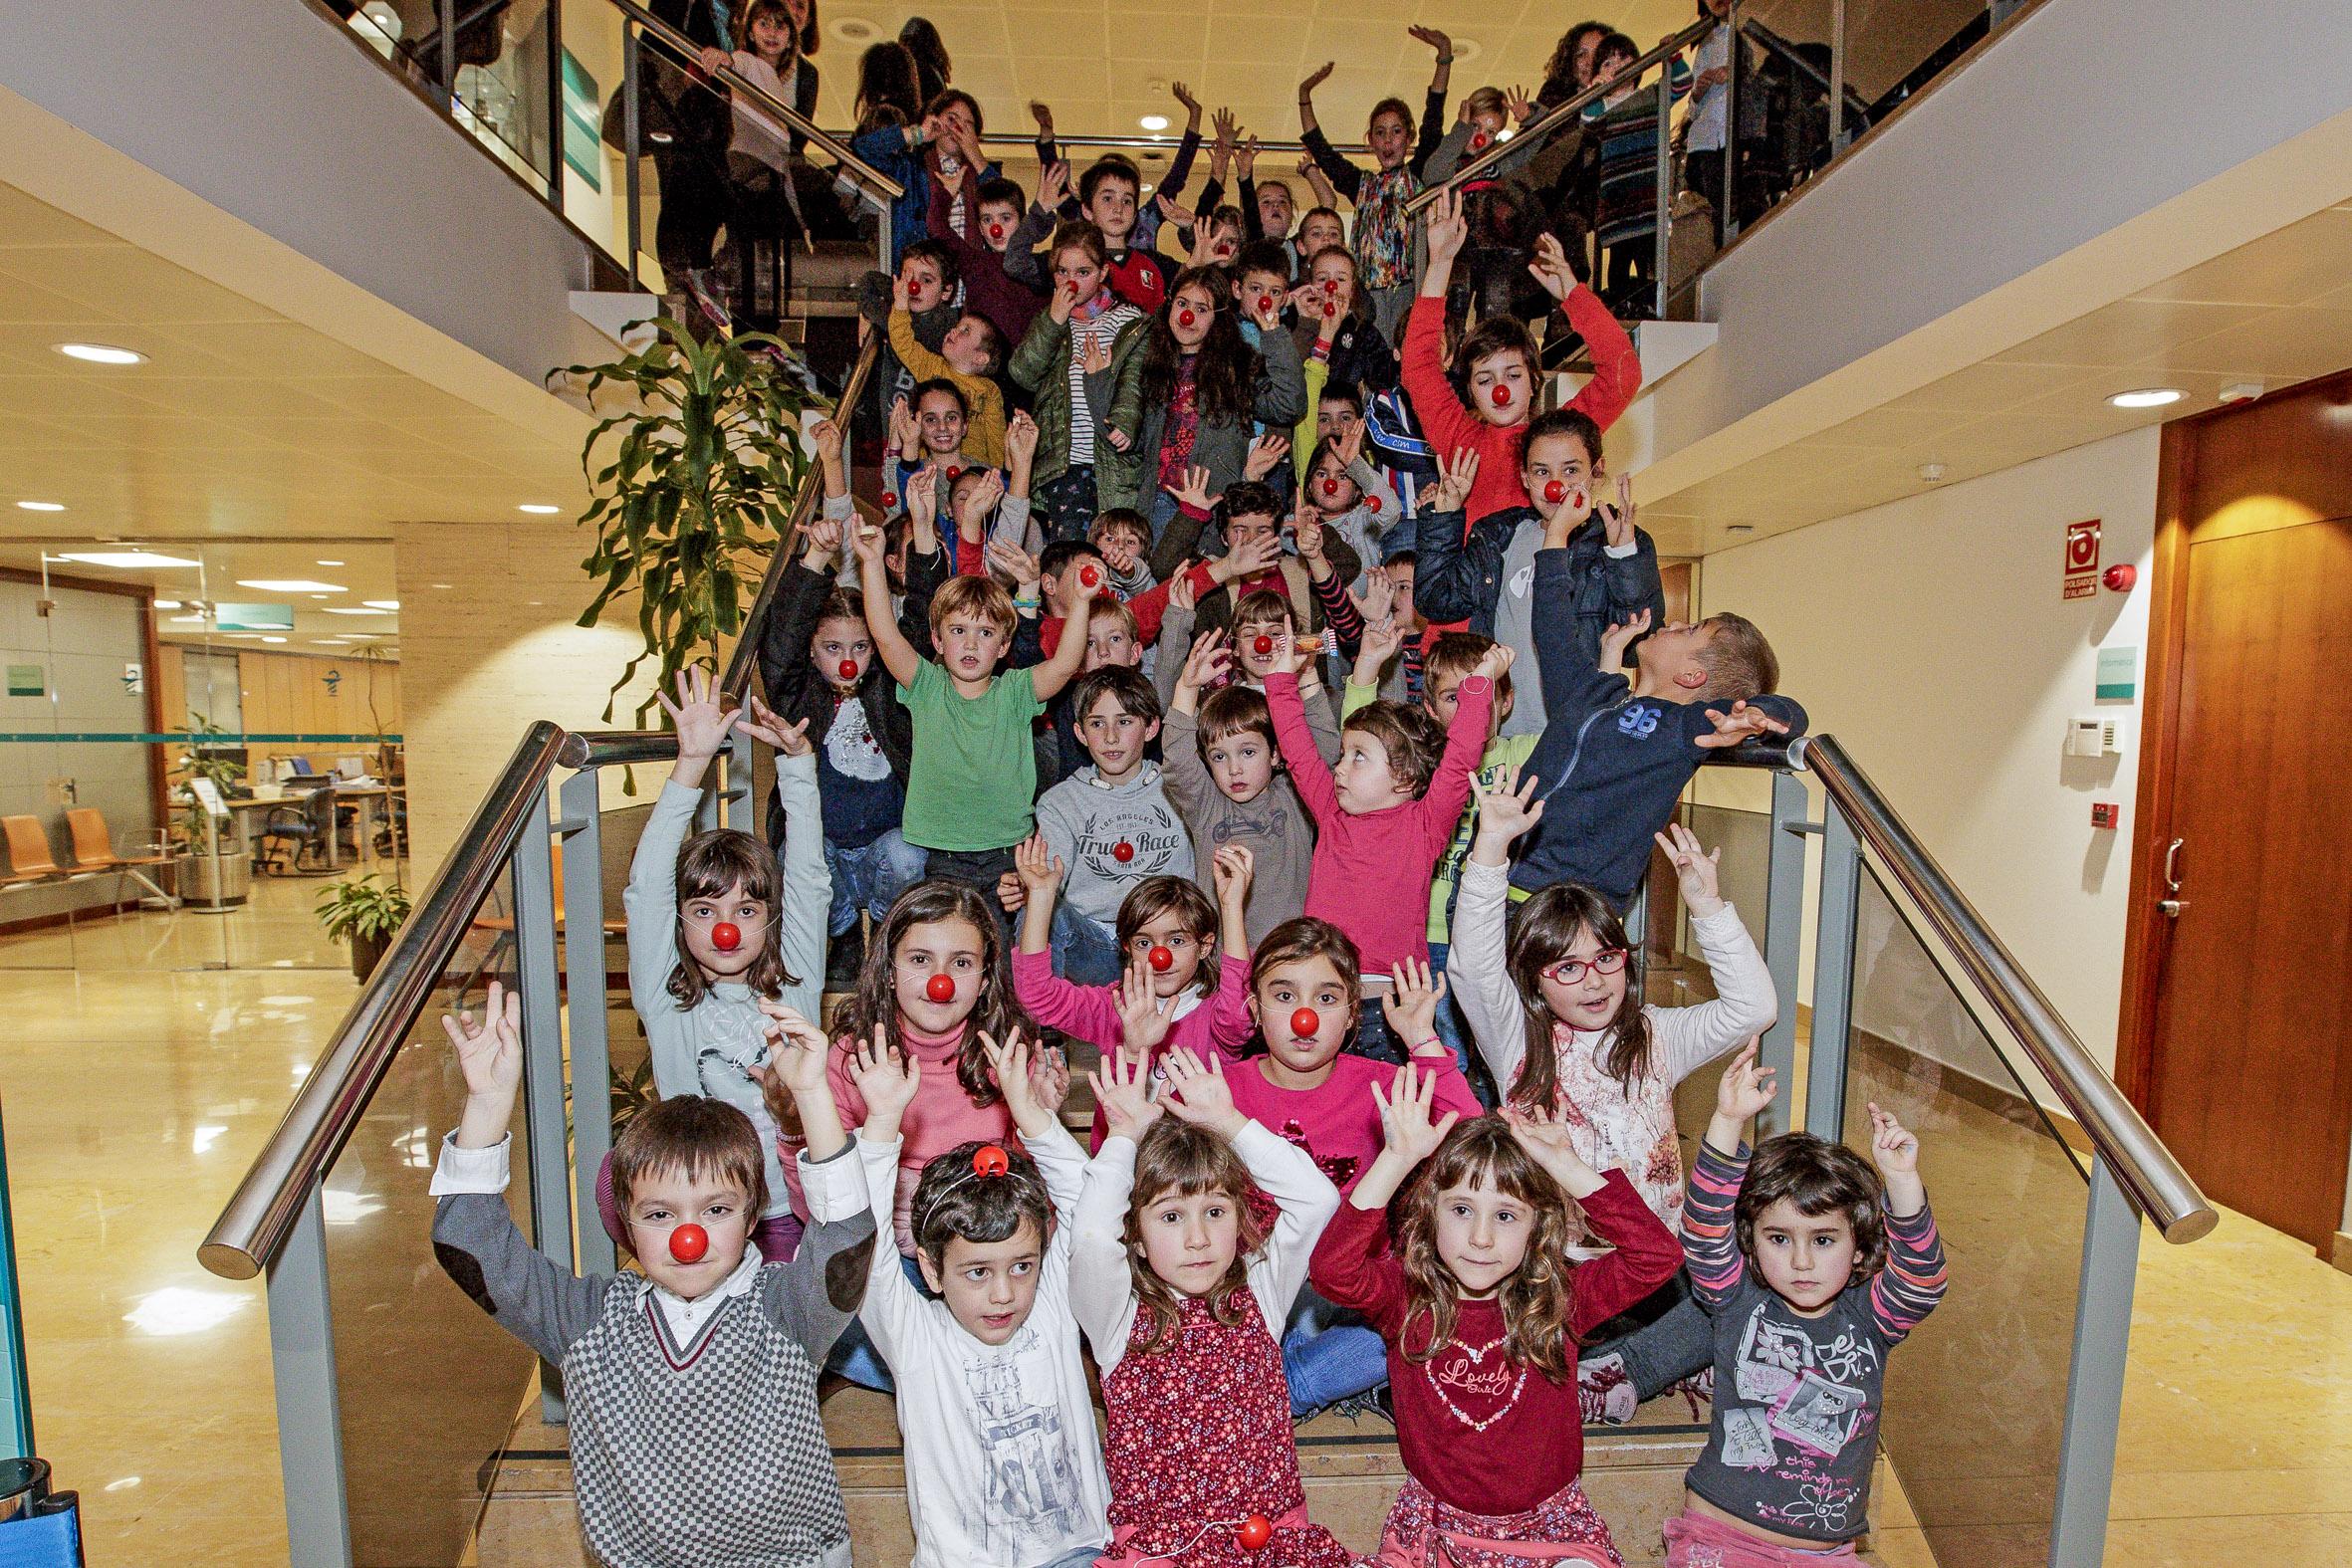 festa-infantil-COFB (1)